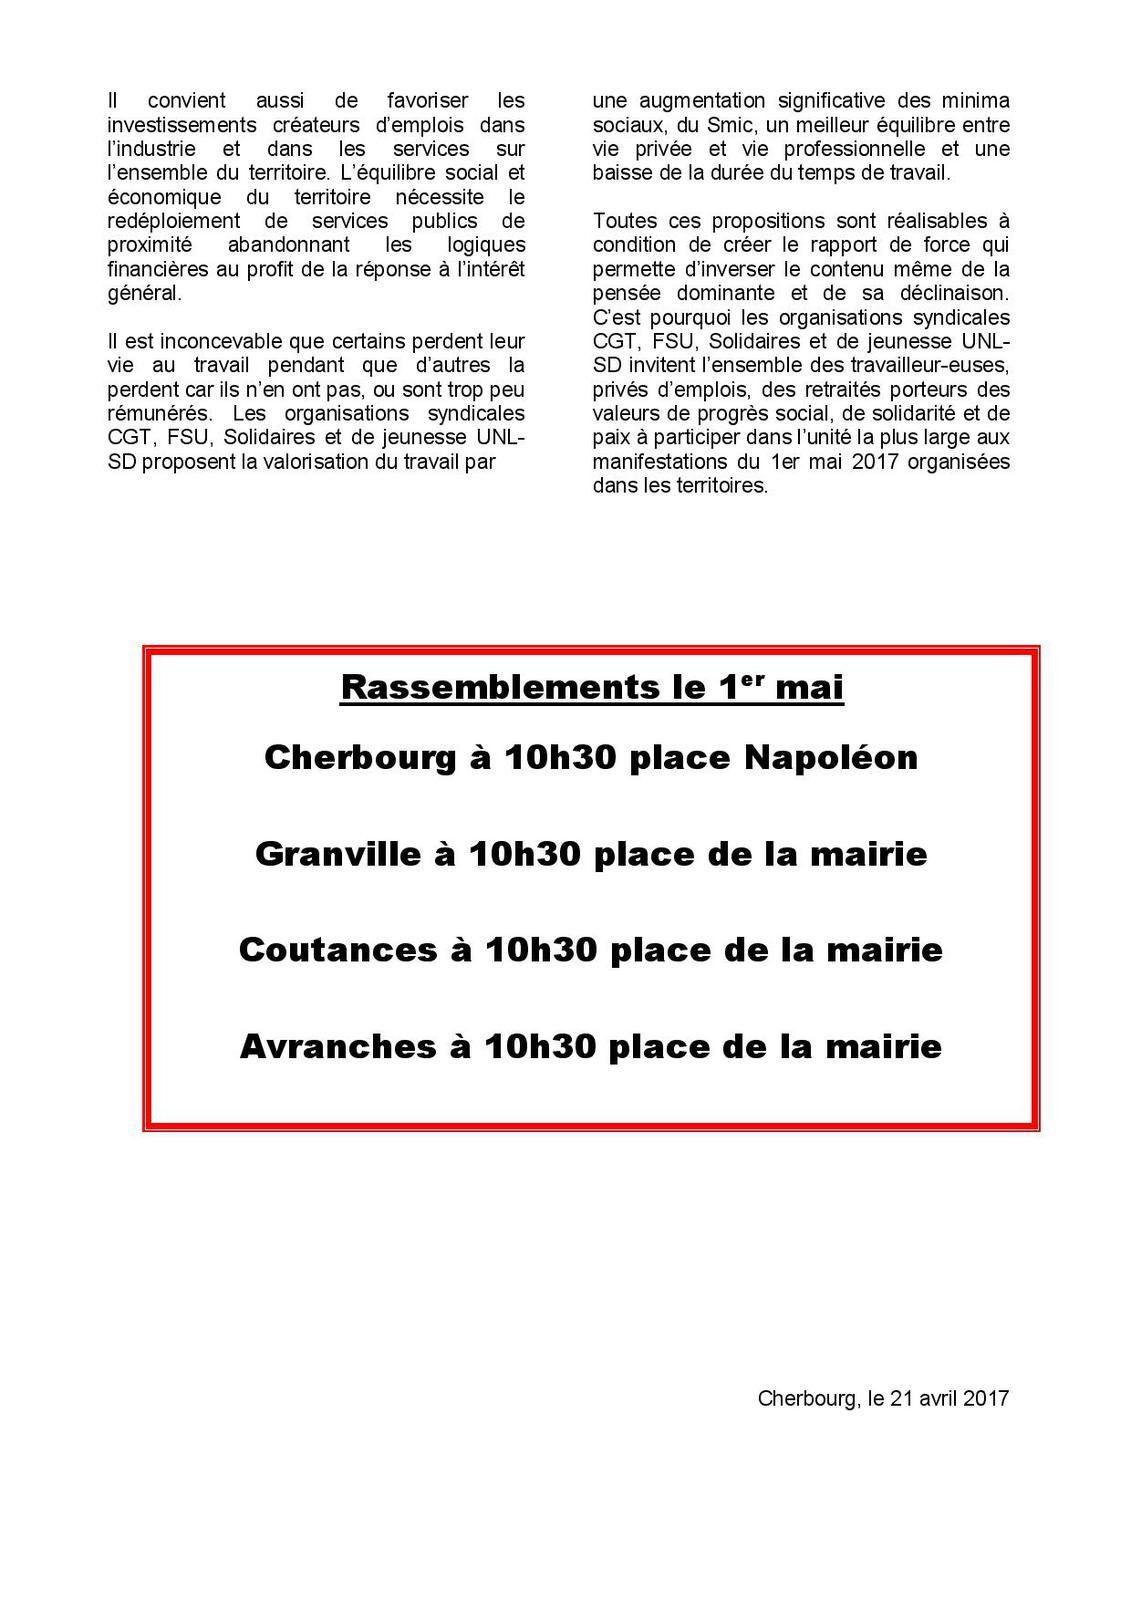 Mobilisation du 1er mai 2017